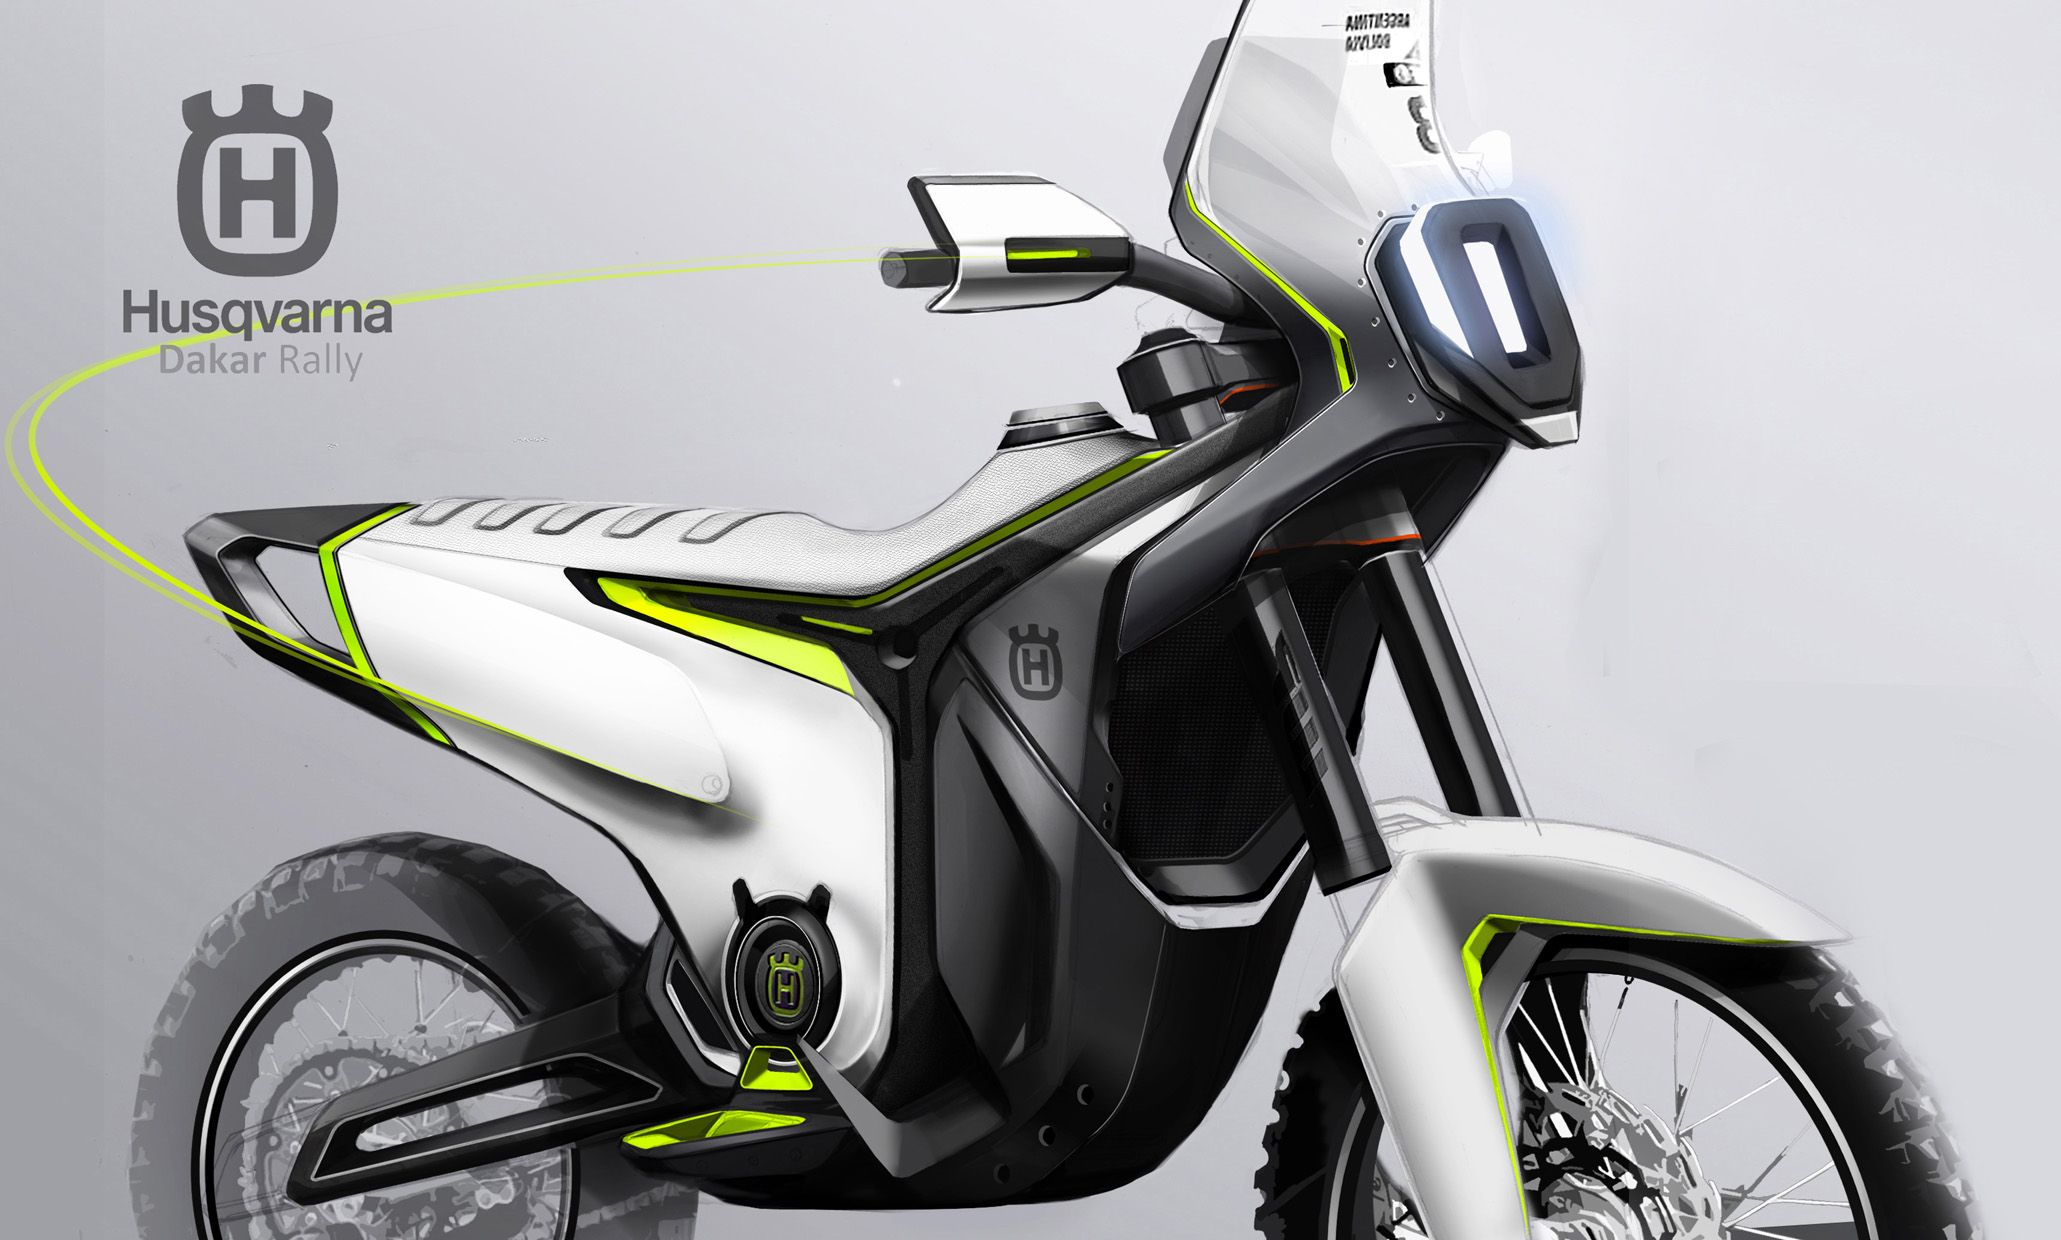 rally bike 2016 on Behance | Motorcycle - Headlight design ... for Motorcycle Headlight Design  15lptgx